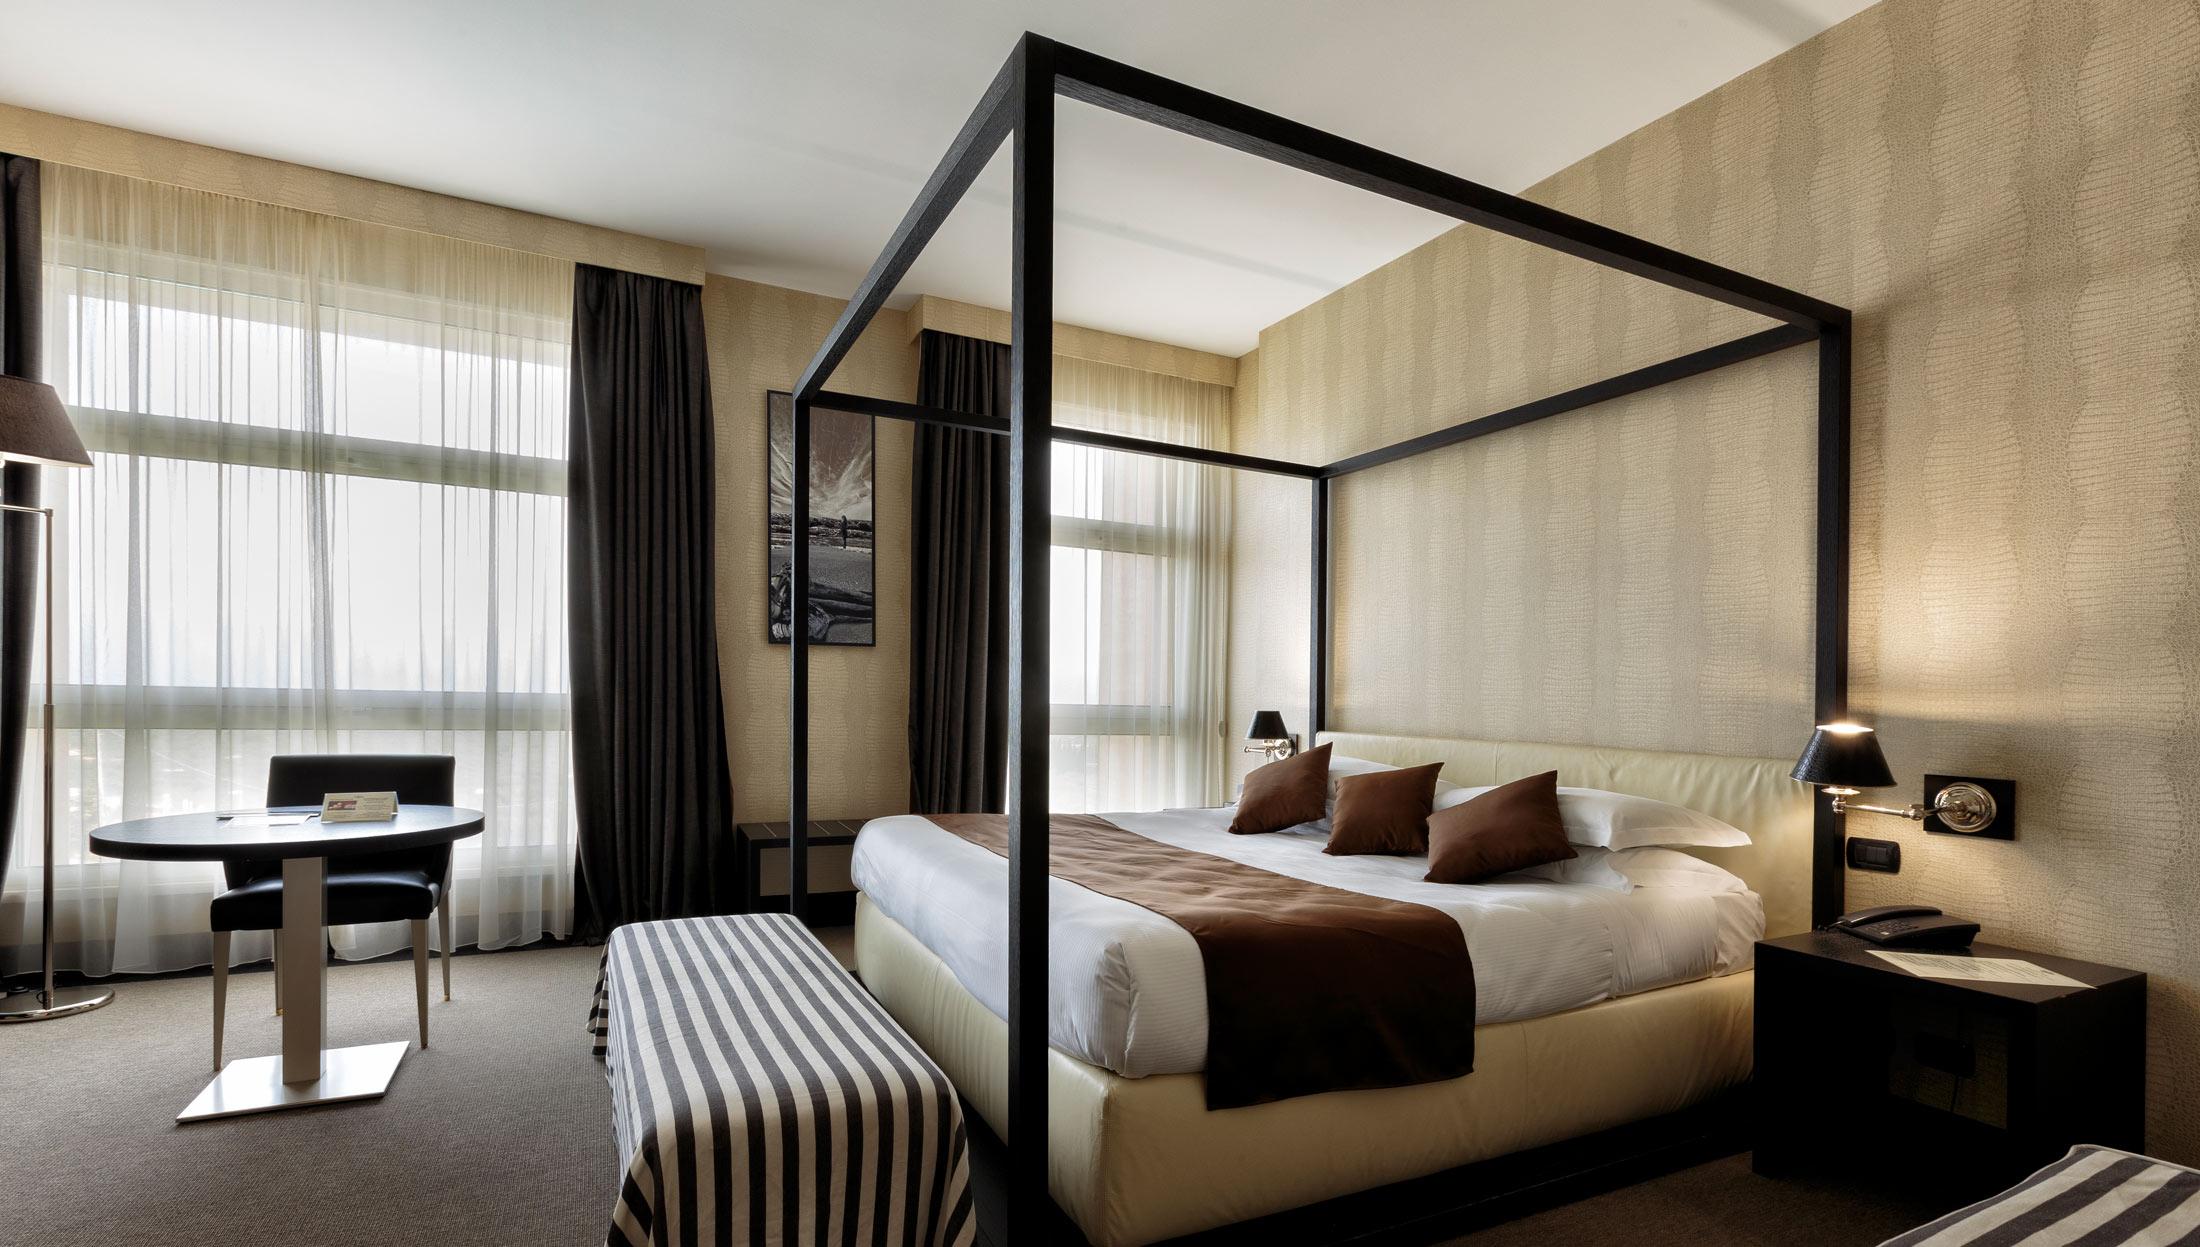 Organizzazione Interna Della Camera : Hotel pineta ruvo di puglia